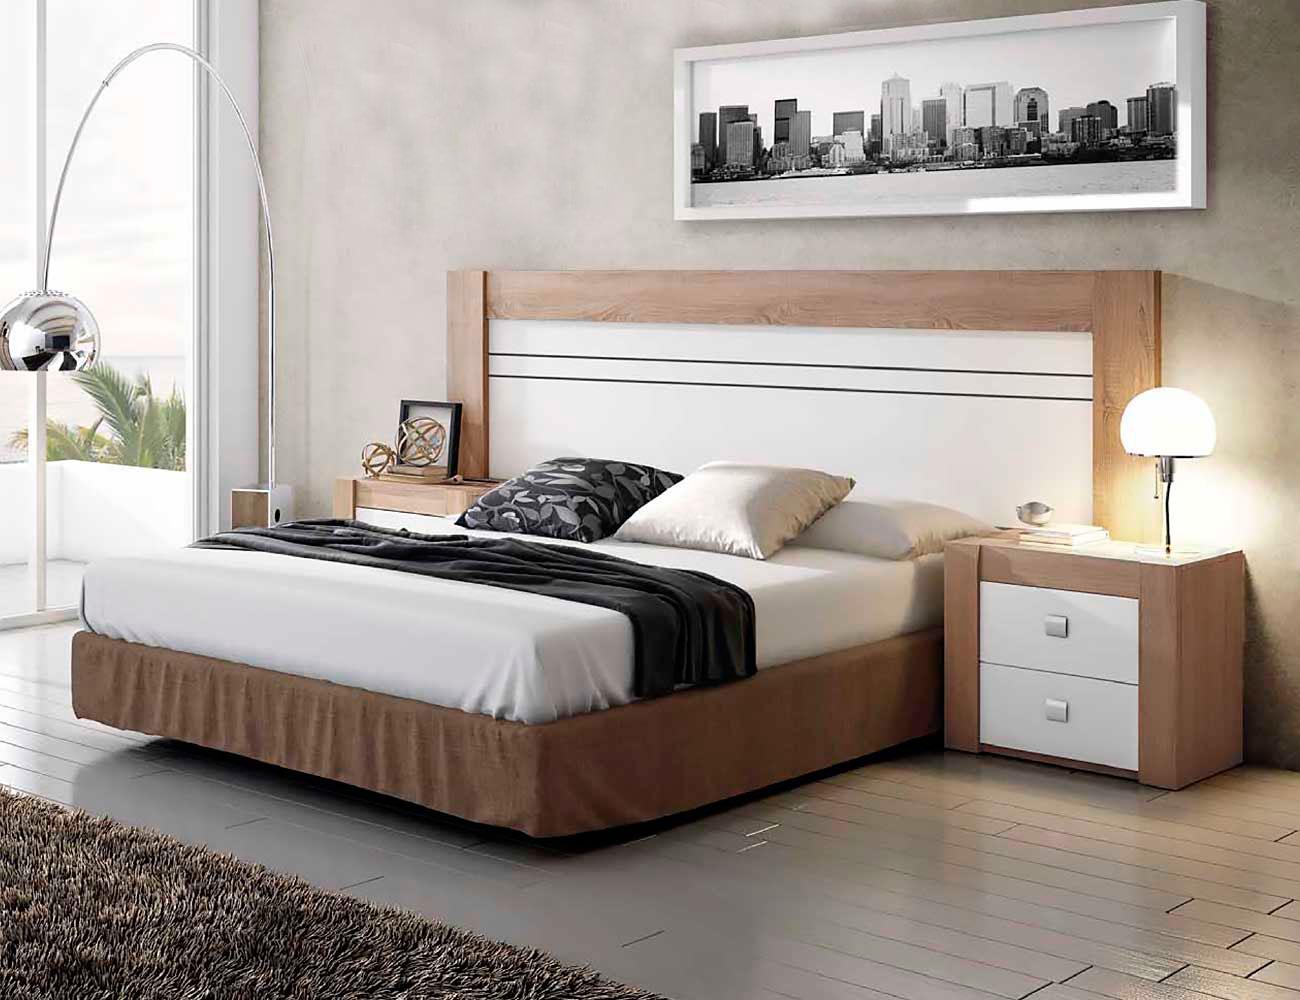 Dormitorio moderno mesitas noche cambrian blanco 011